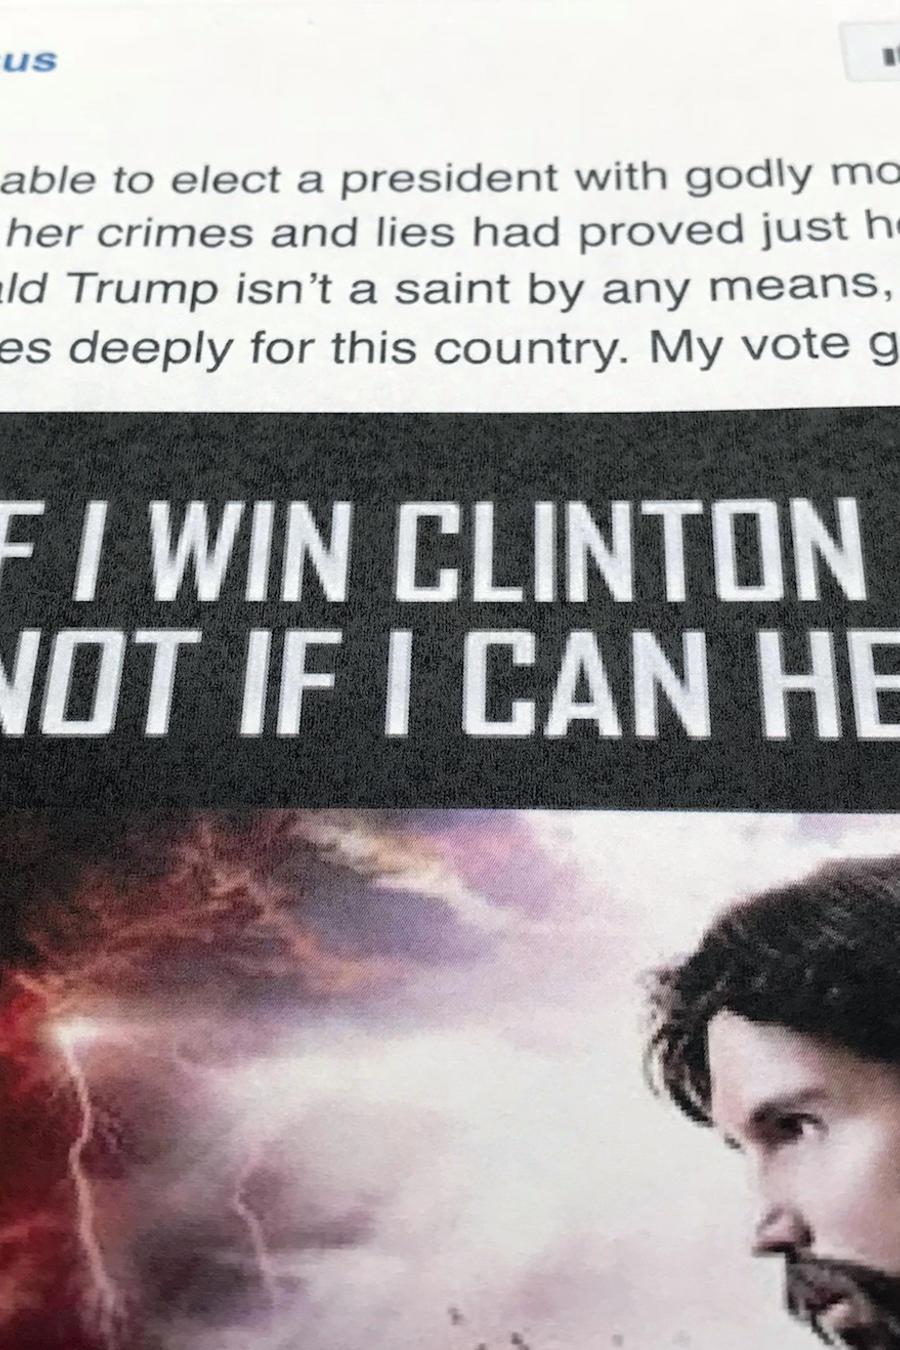 Anuncio en Facebook denunciado como parte de la campaña rusa para influir en las elecciones de 2016.